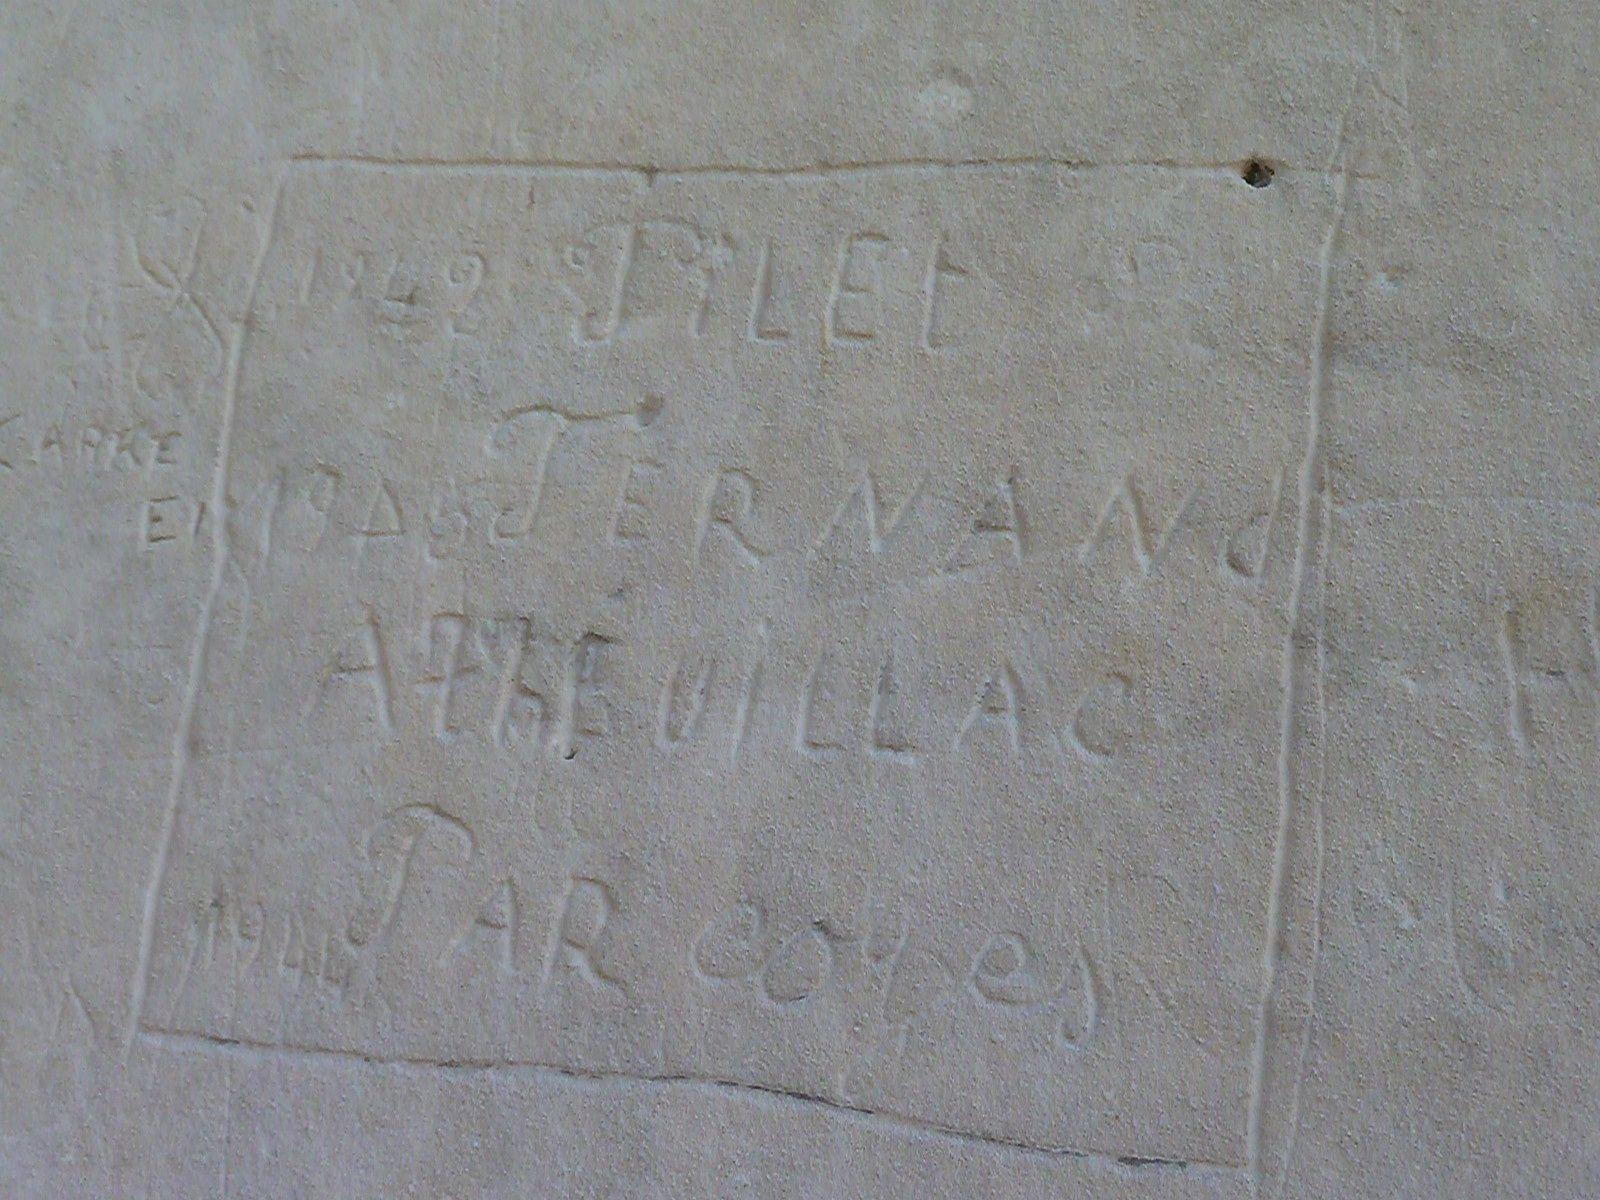 """Après le terrain, le """" bureau d'études """". En fait le relevé des graffitis est une première démarche avec ses critères (concept Michel souris), quant à l'interprétation et à l'intégration à d'autres faits historiques (in situ) c'est un autre programme où chacun peut être invité à travailler."""